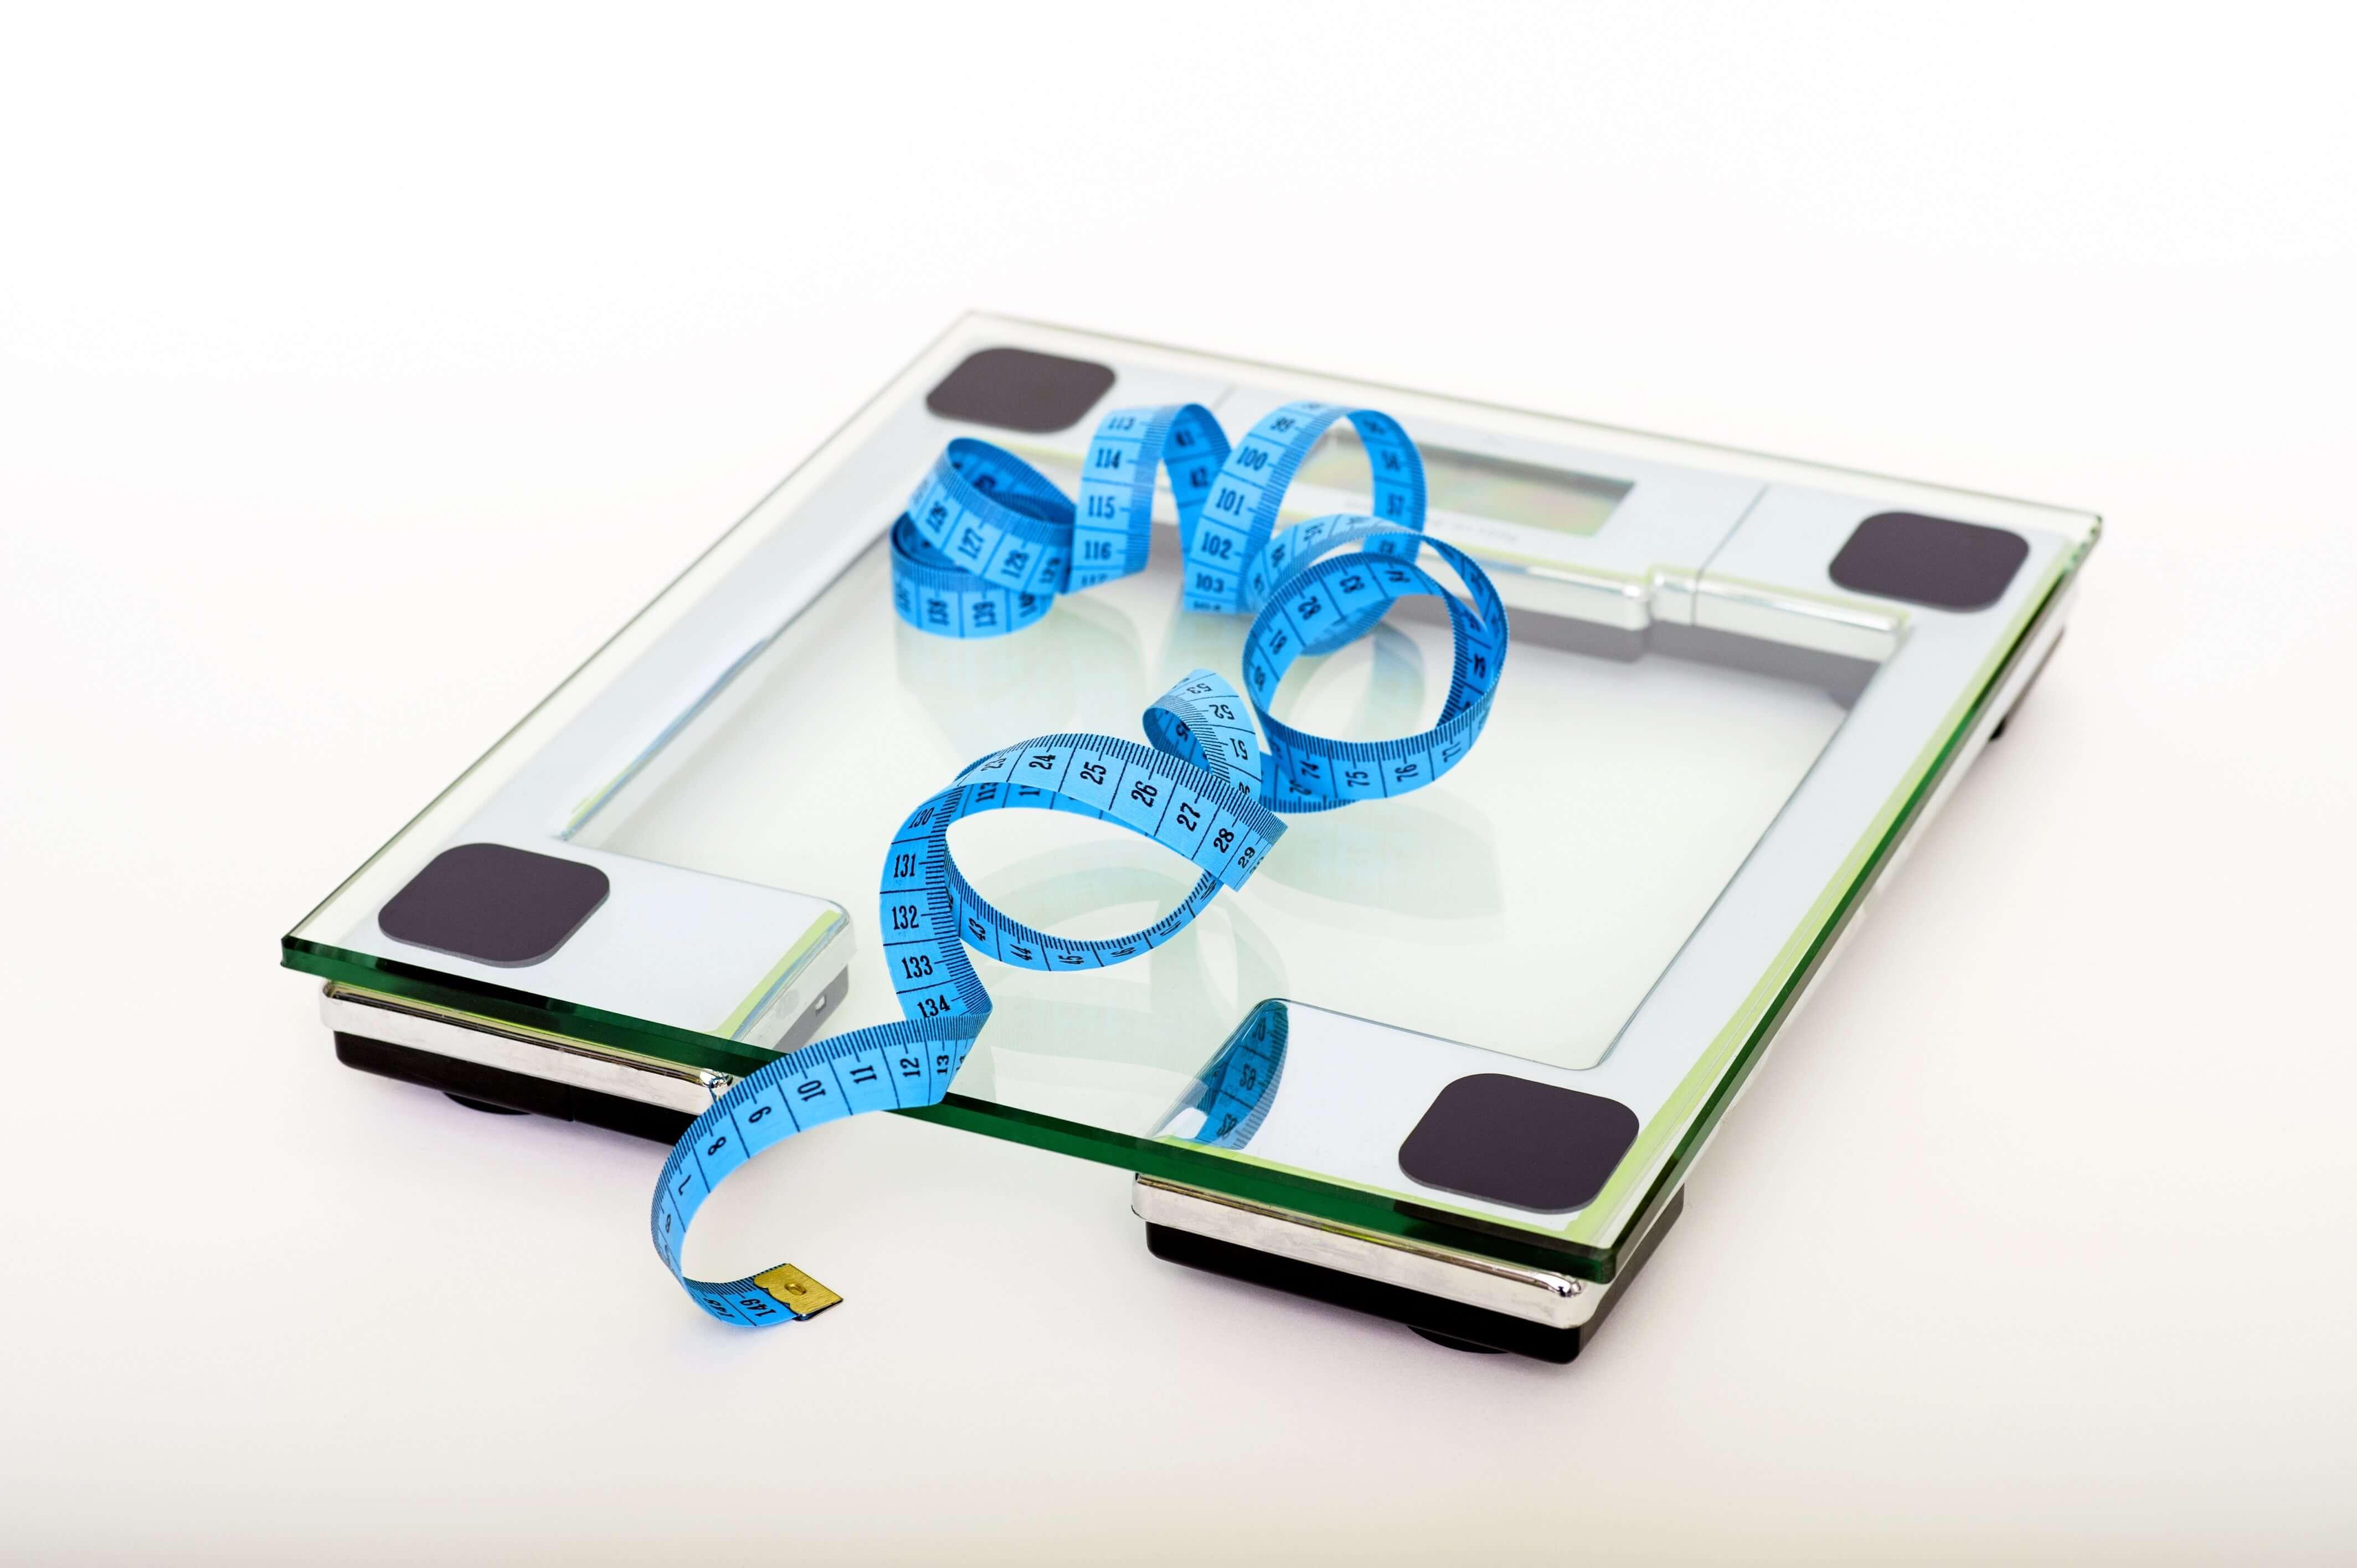 【さらばガリガリな身体】ボクが1年で11kg体重を増やした方法